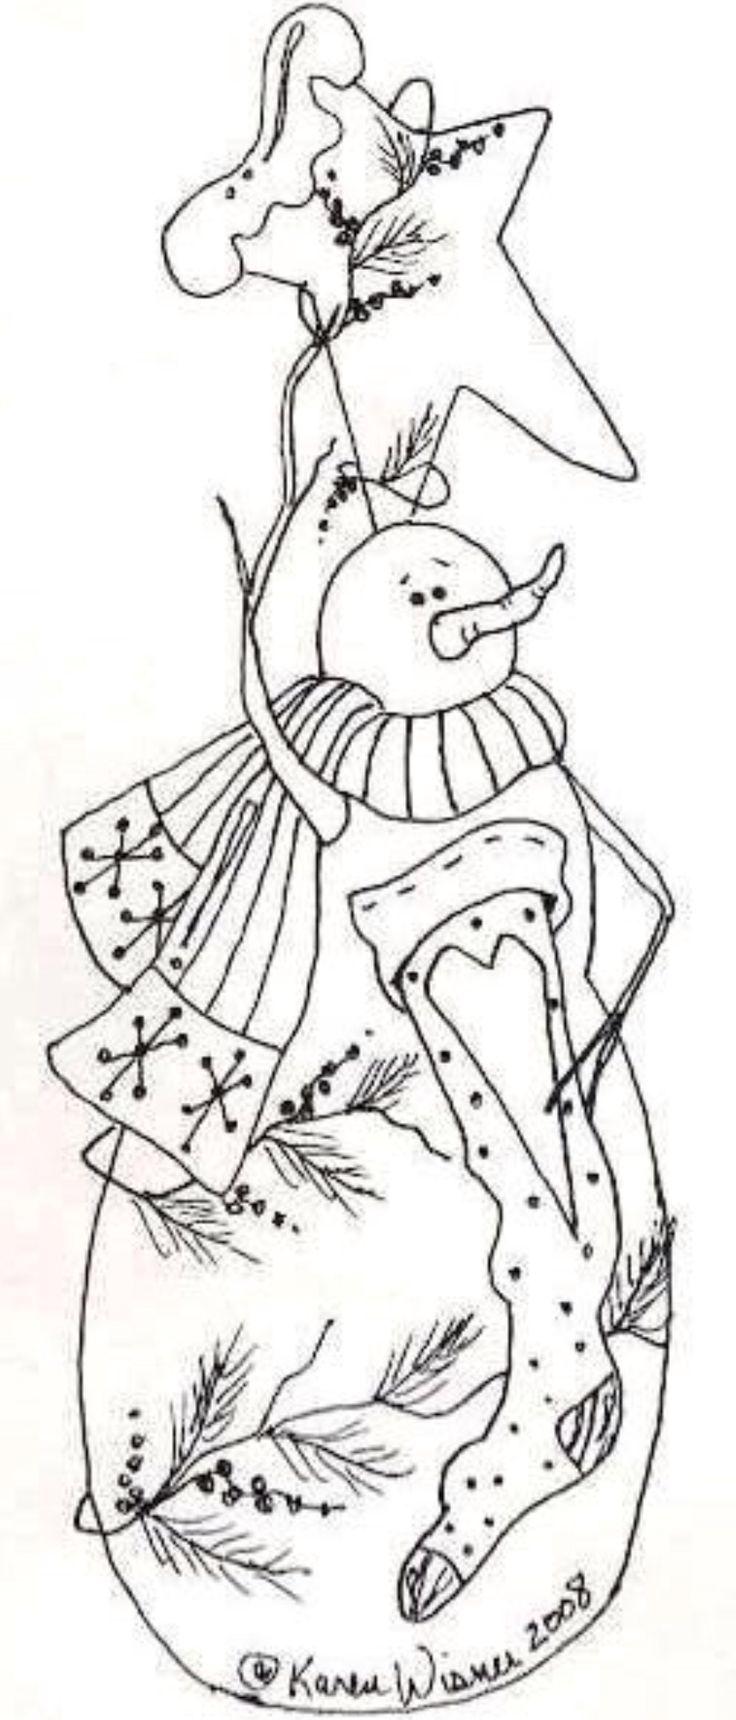 Primitive Snowman Coloring Pages